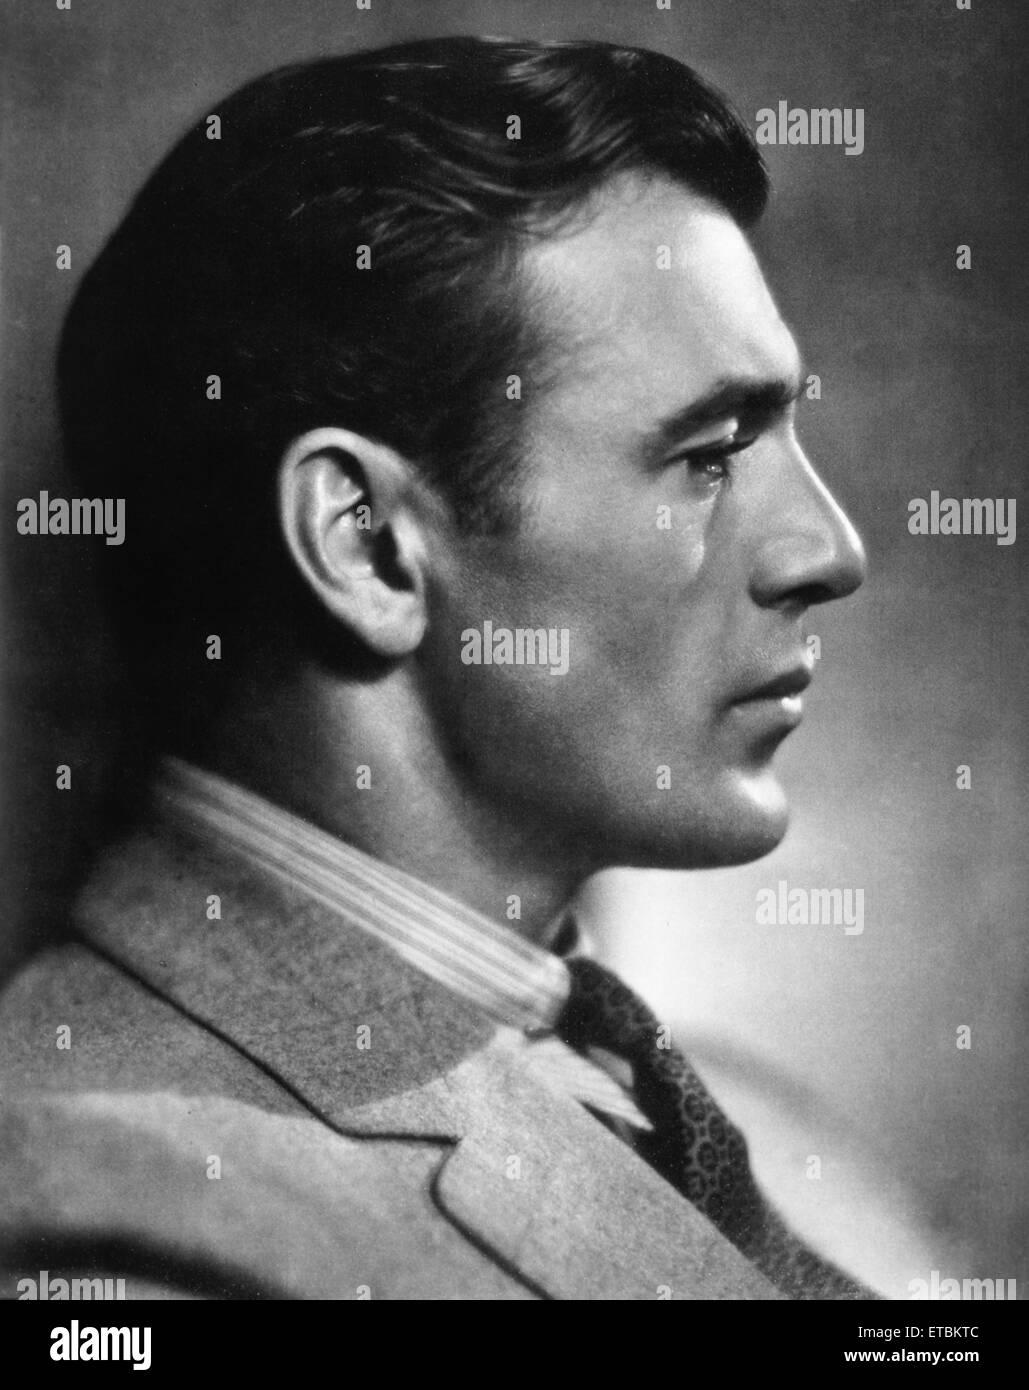 Schauspieler Gary Cooper, Profil, 1931 Stockbild